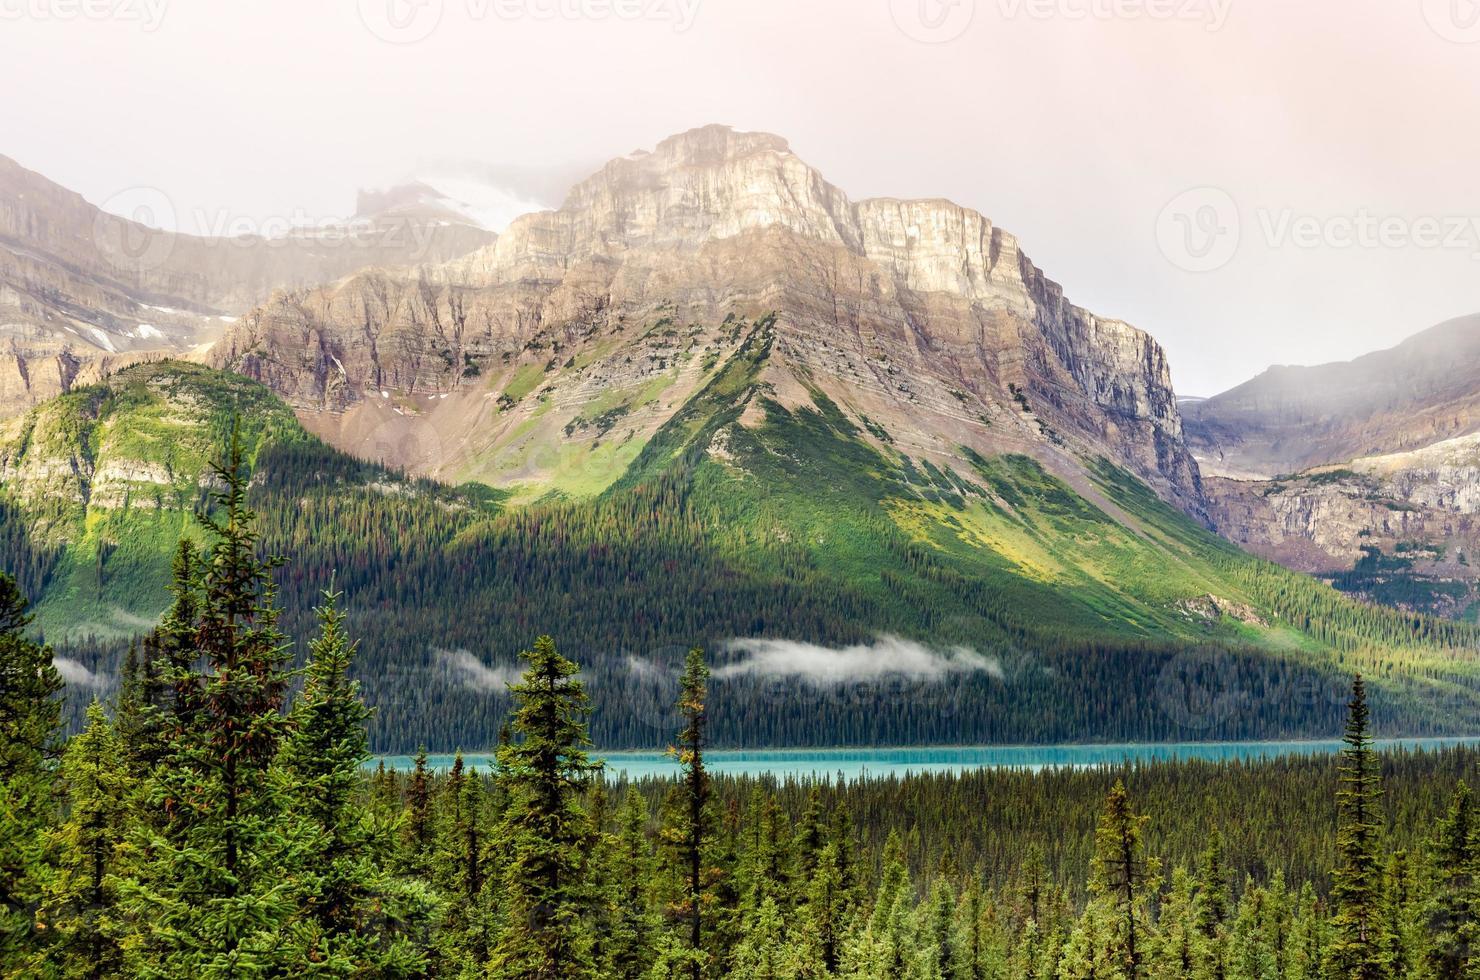 vista panorâmica da montanha perto do parque de campos de gelo, montanhas rochosas canadenses foto